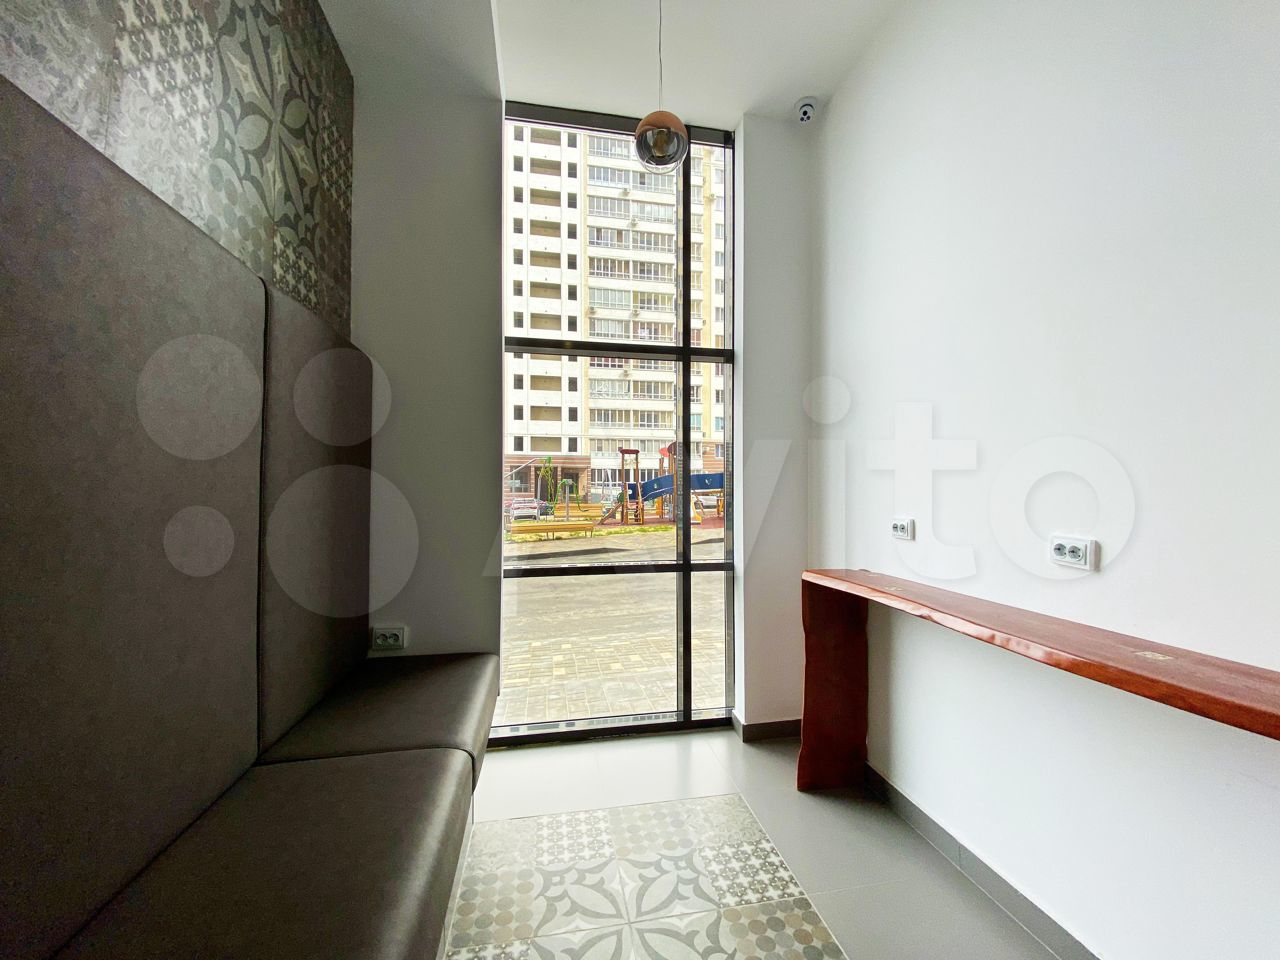 1-к квартира, 39.1 м², 20/23 эт.  89880013578 купить 1